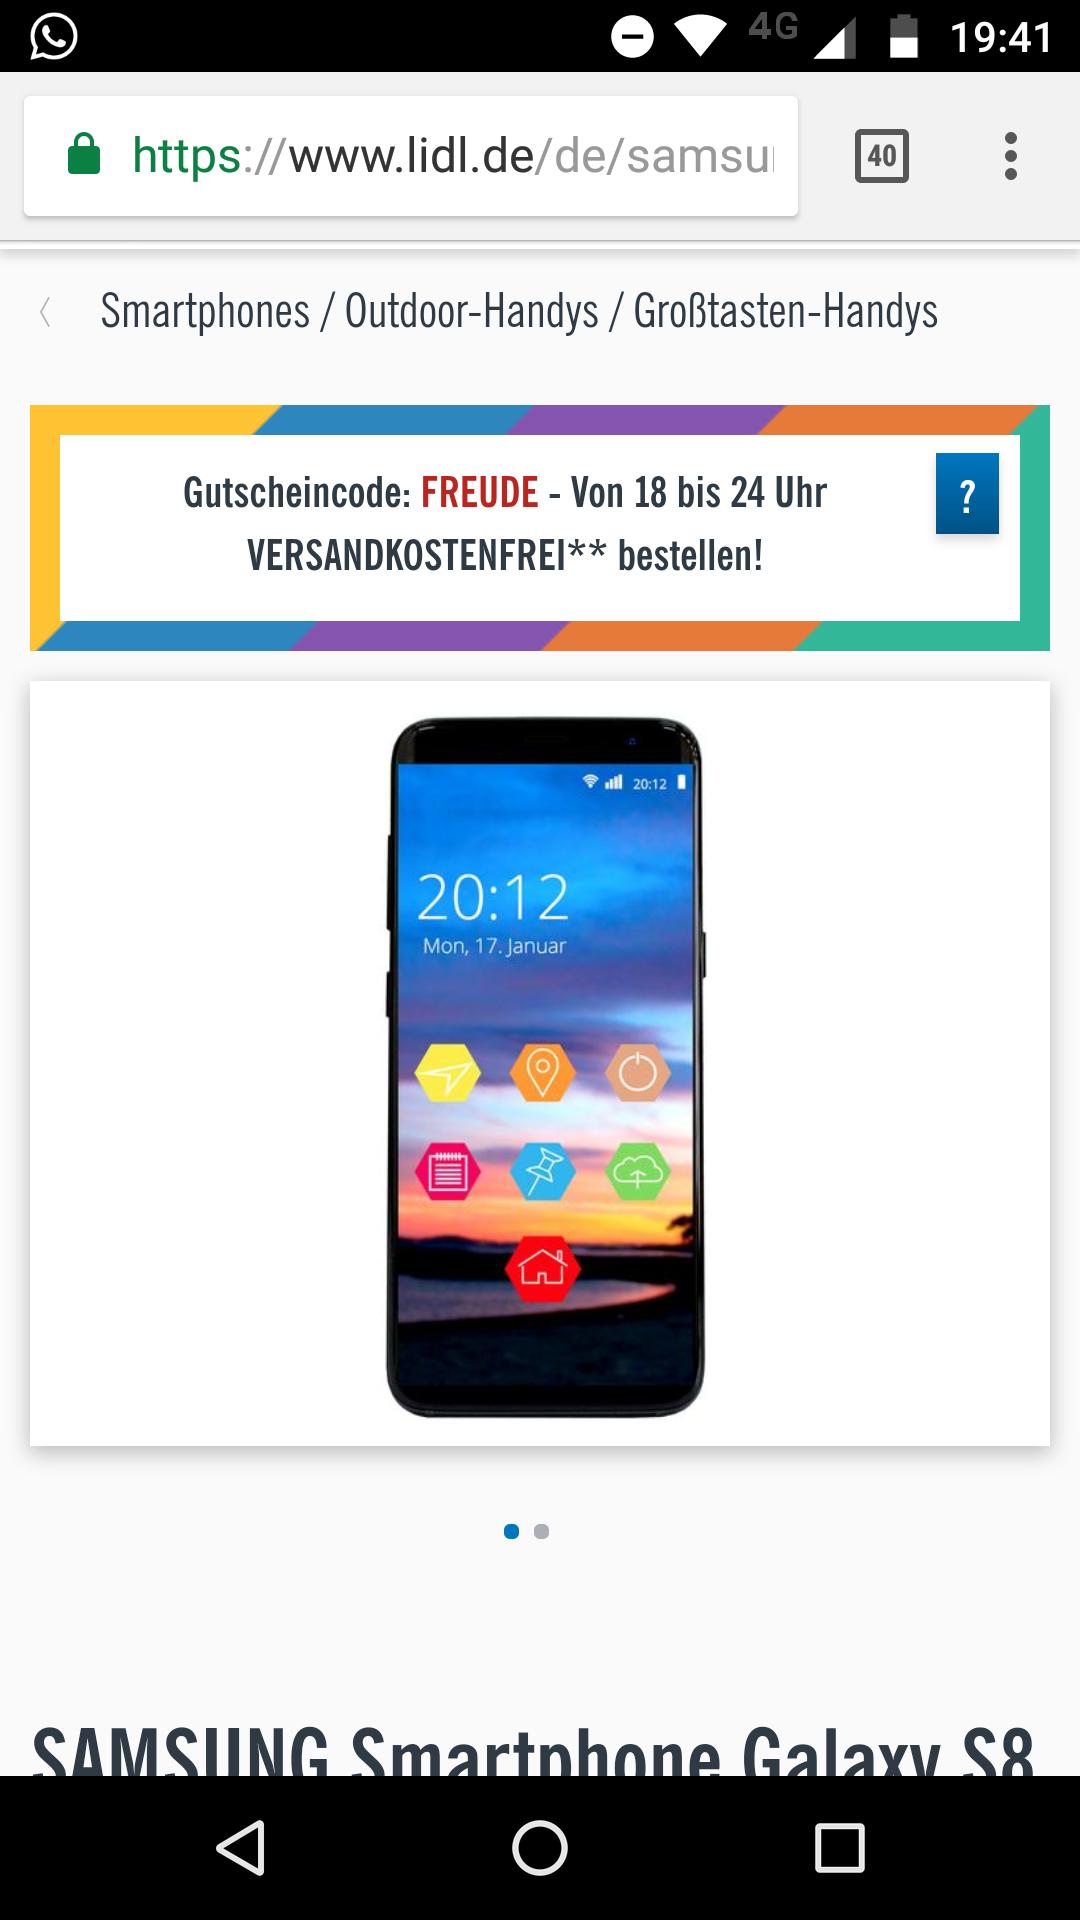 Samsung Galaxy s8, LIDL